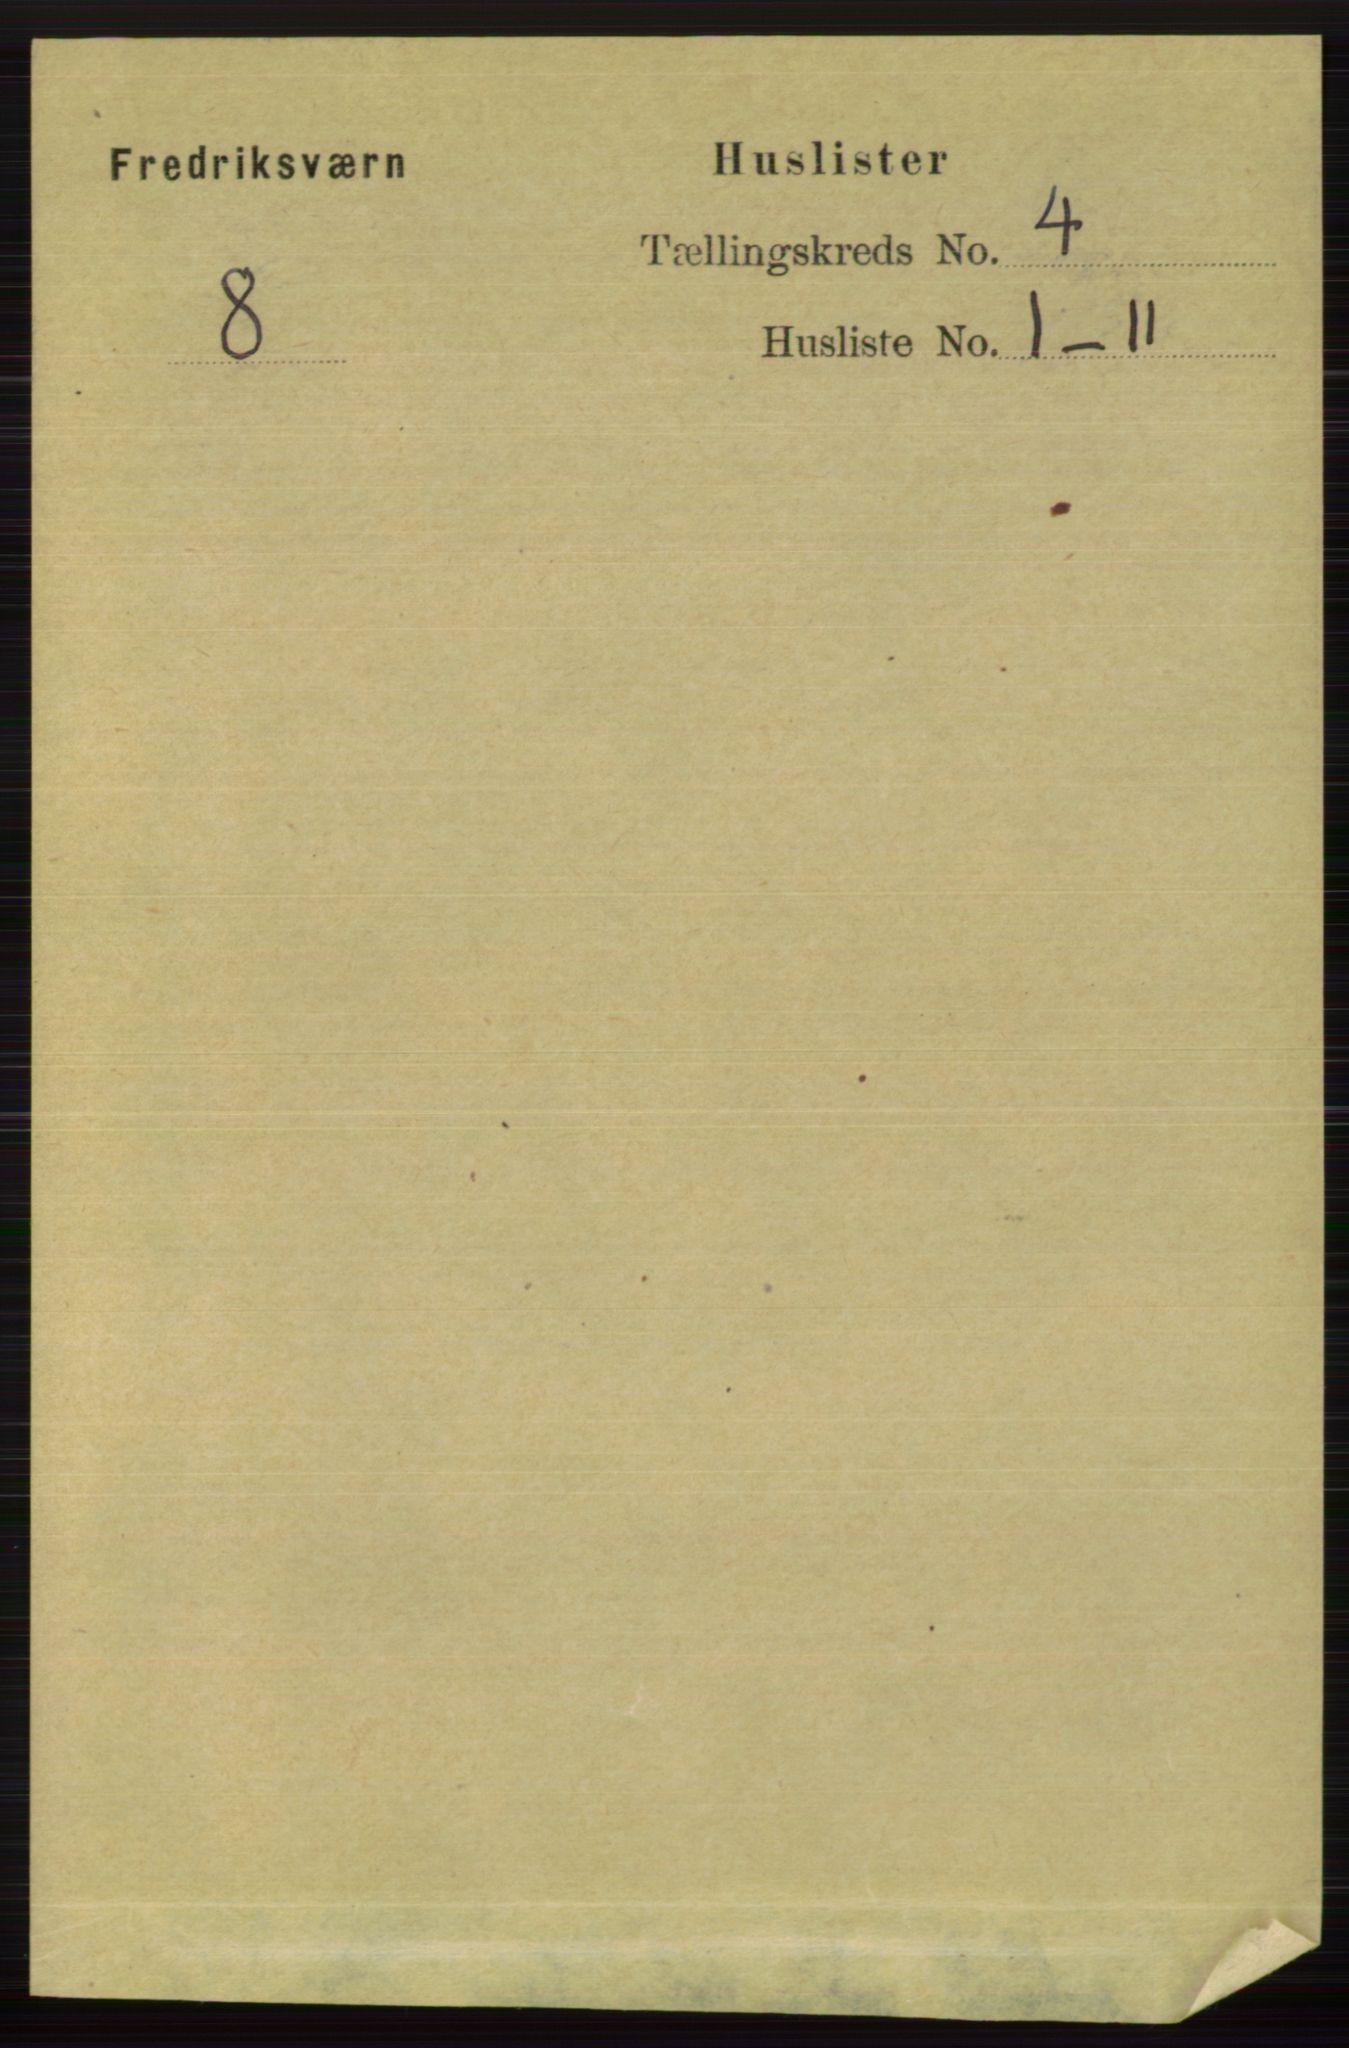 RA, Folketelling 1891 for 0798 Fredriksvern herred, 1891, s. 697